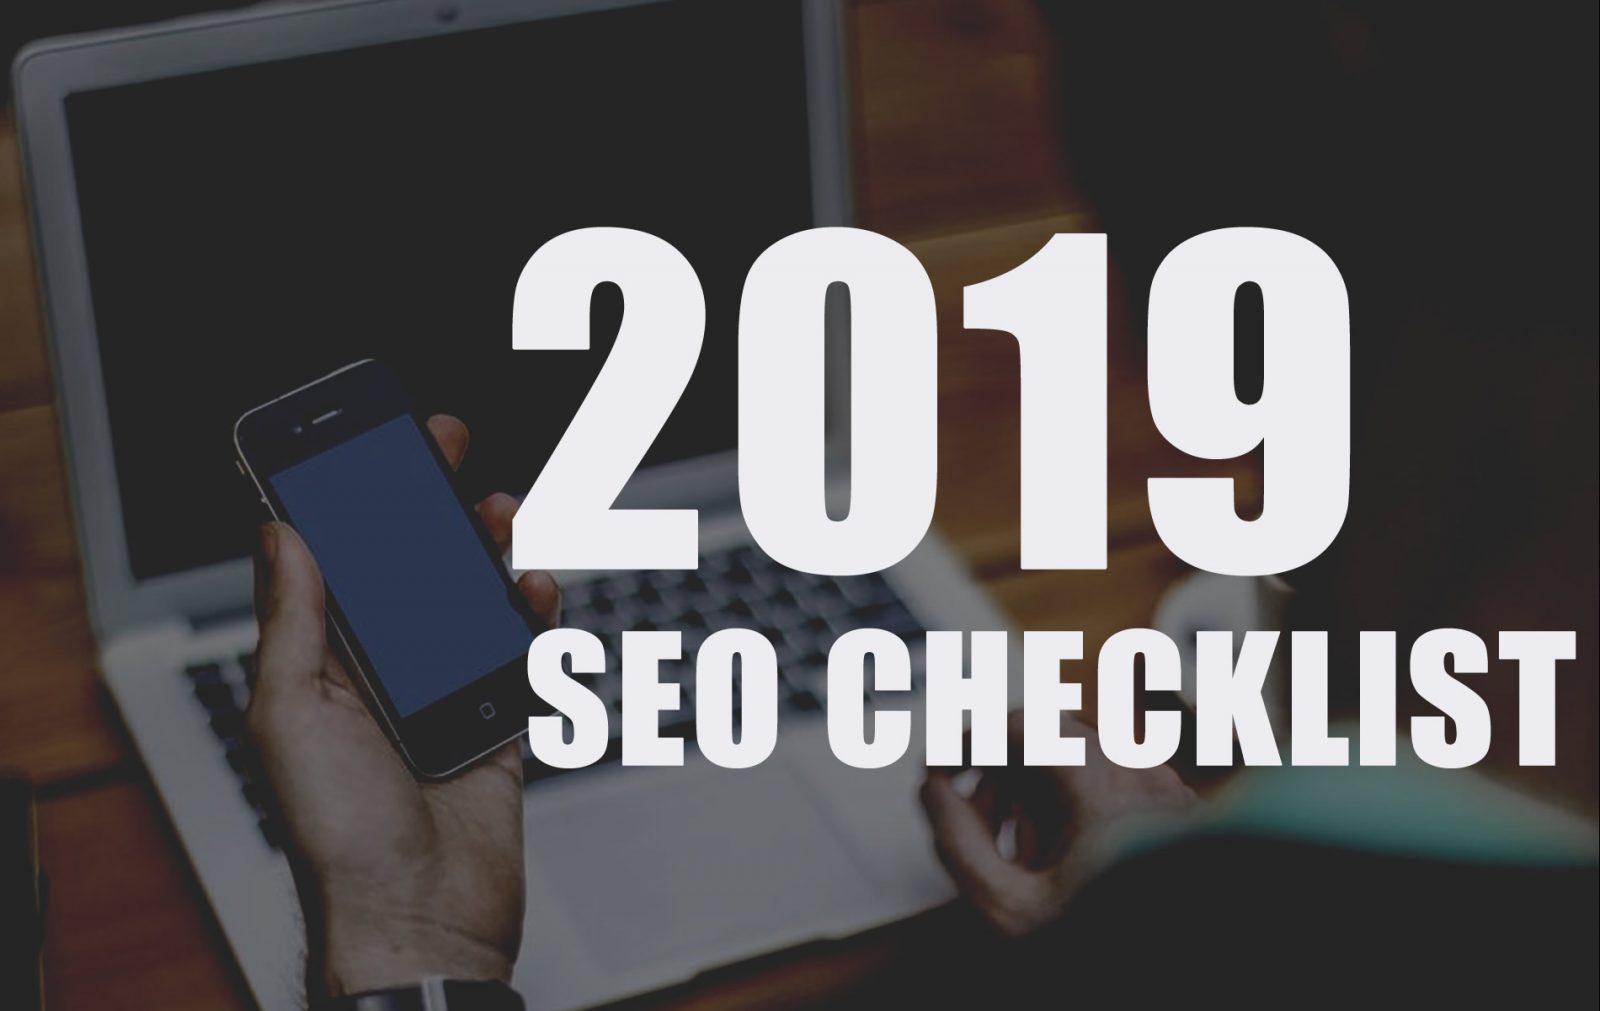 2019 SEO CHECKLIST - MojoMedia Pro